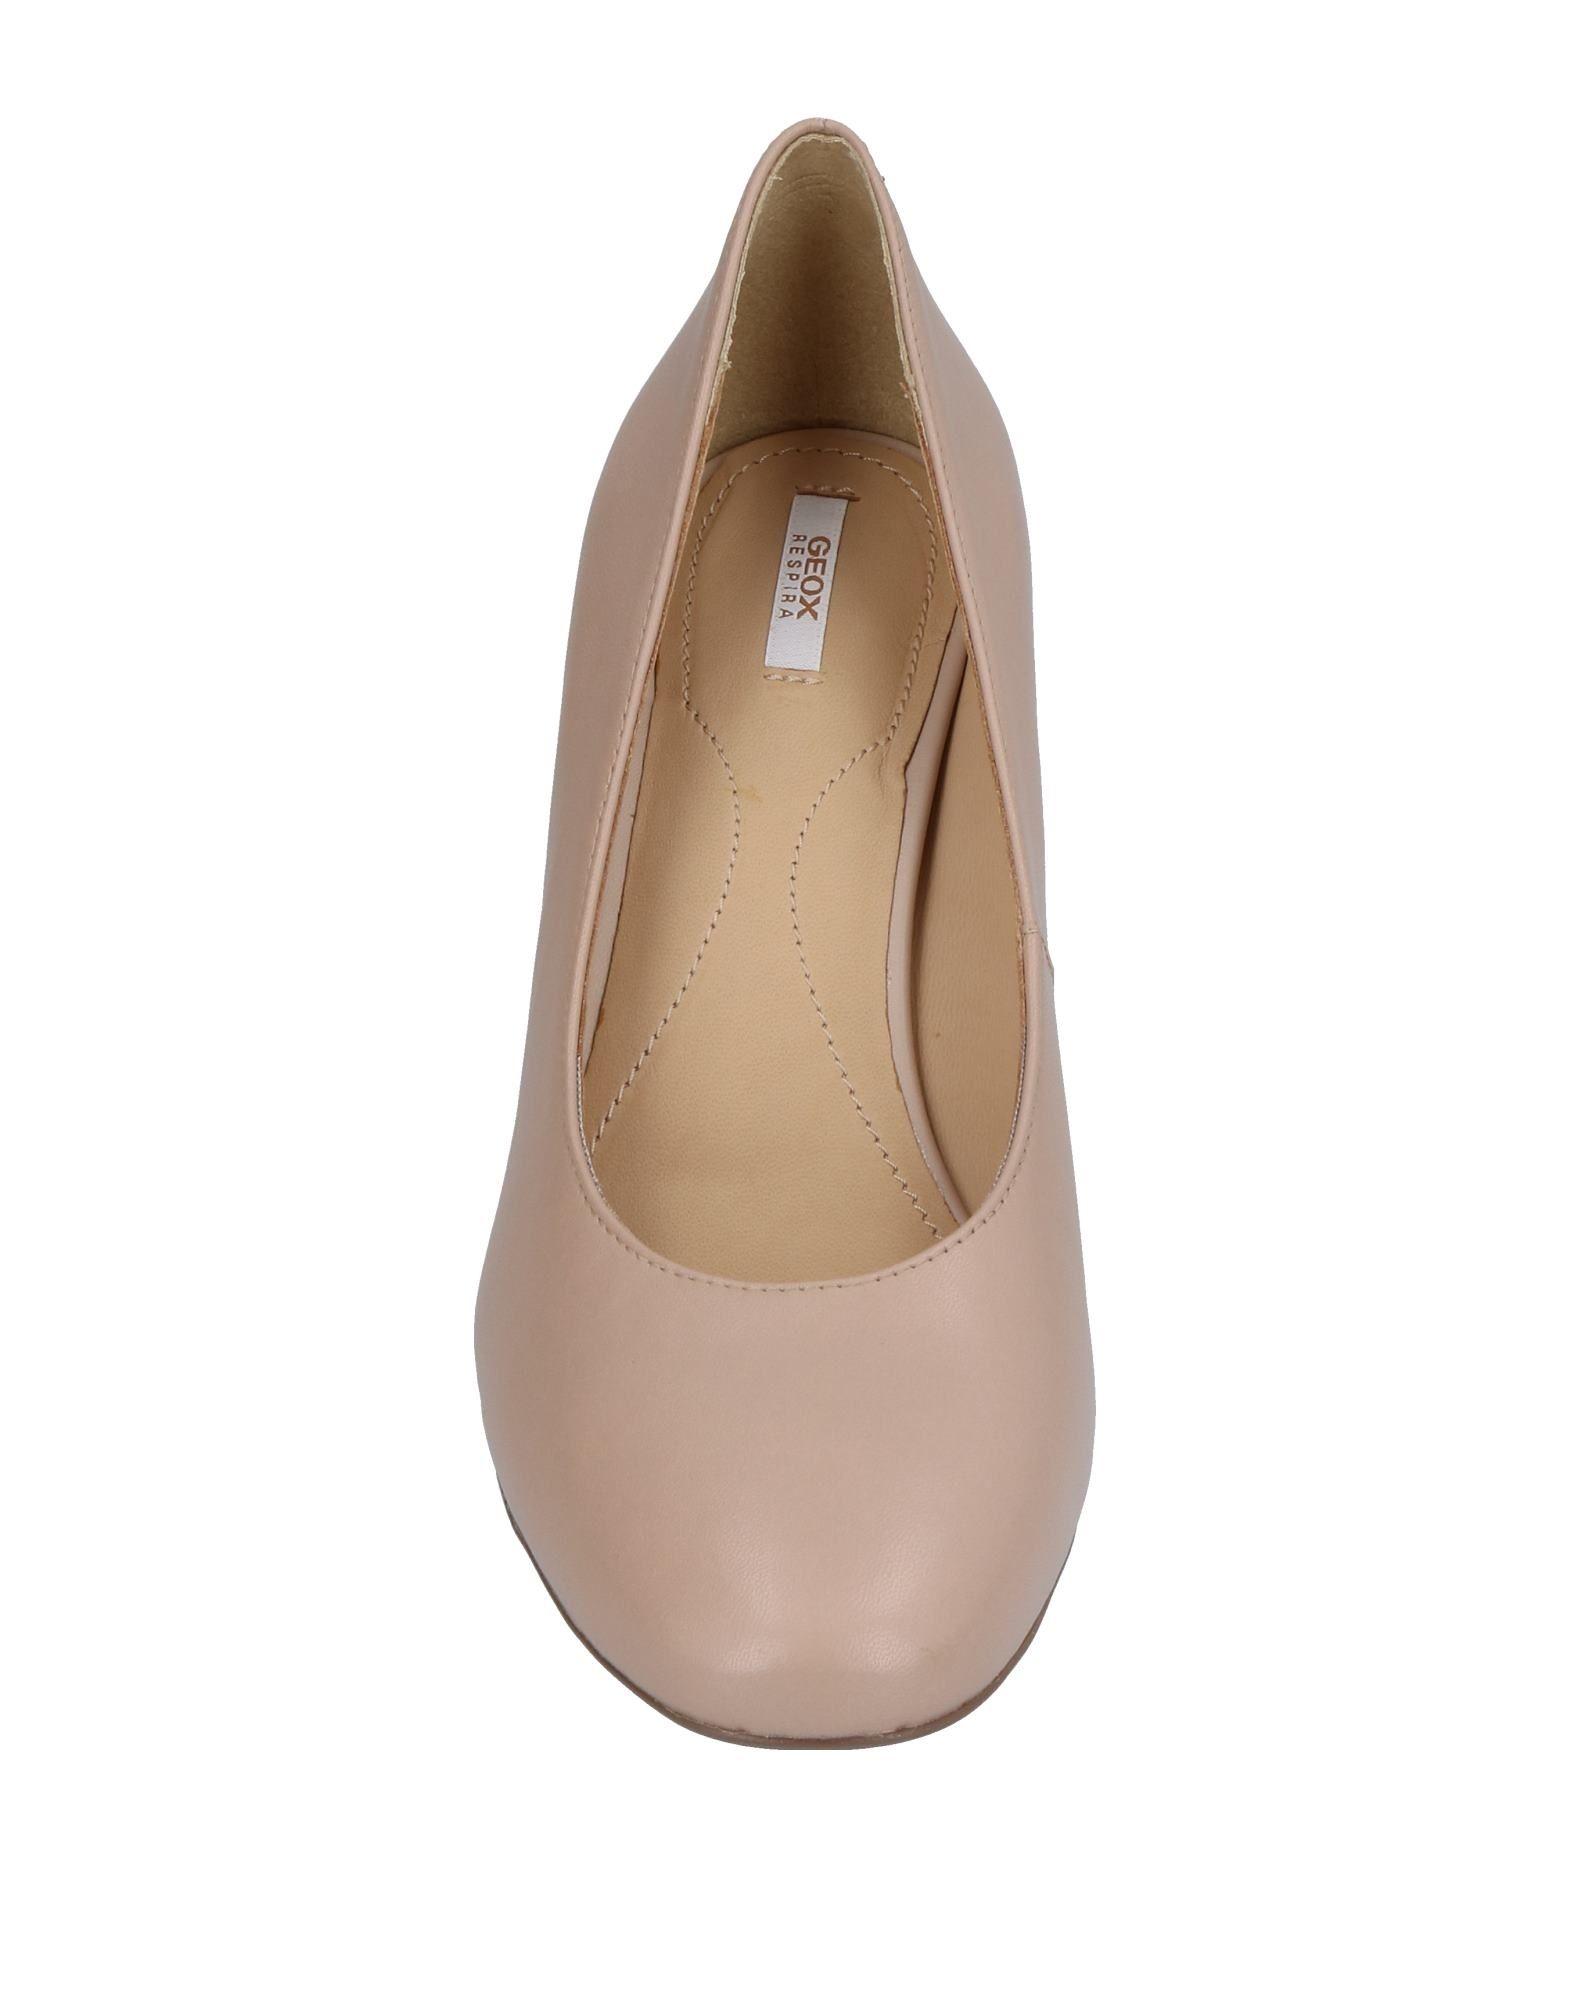 Geox Pumps Gute Damen  11392521KQ Gute Pumps Qualität beliebte Schuhe f7de82